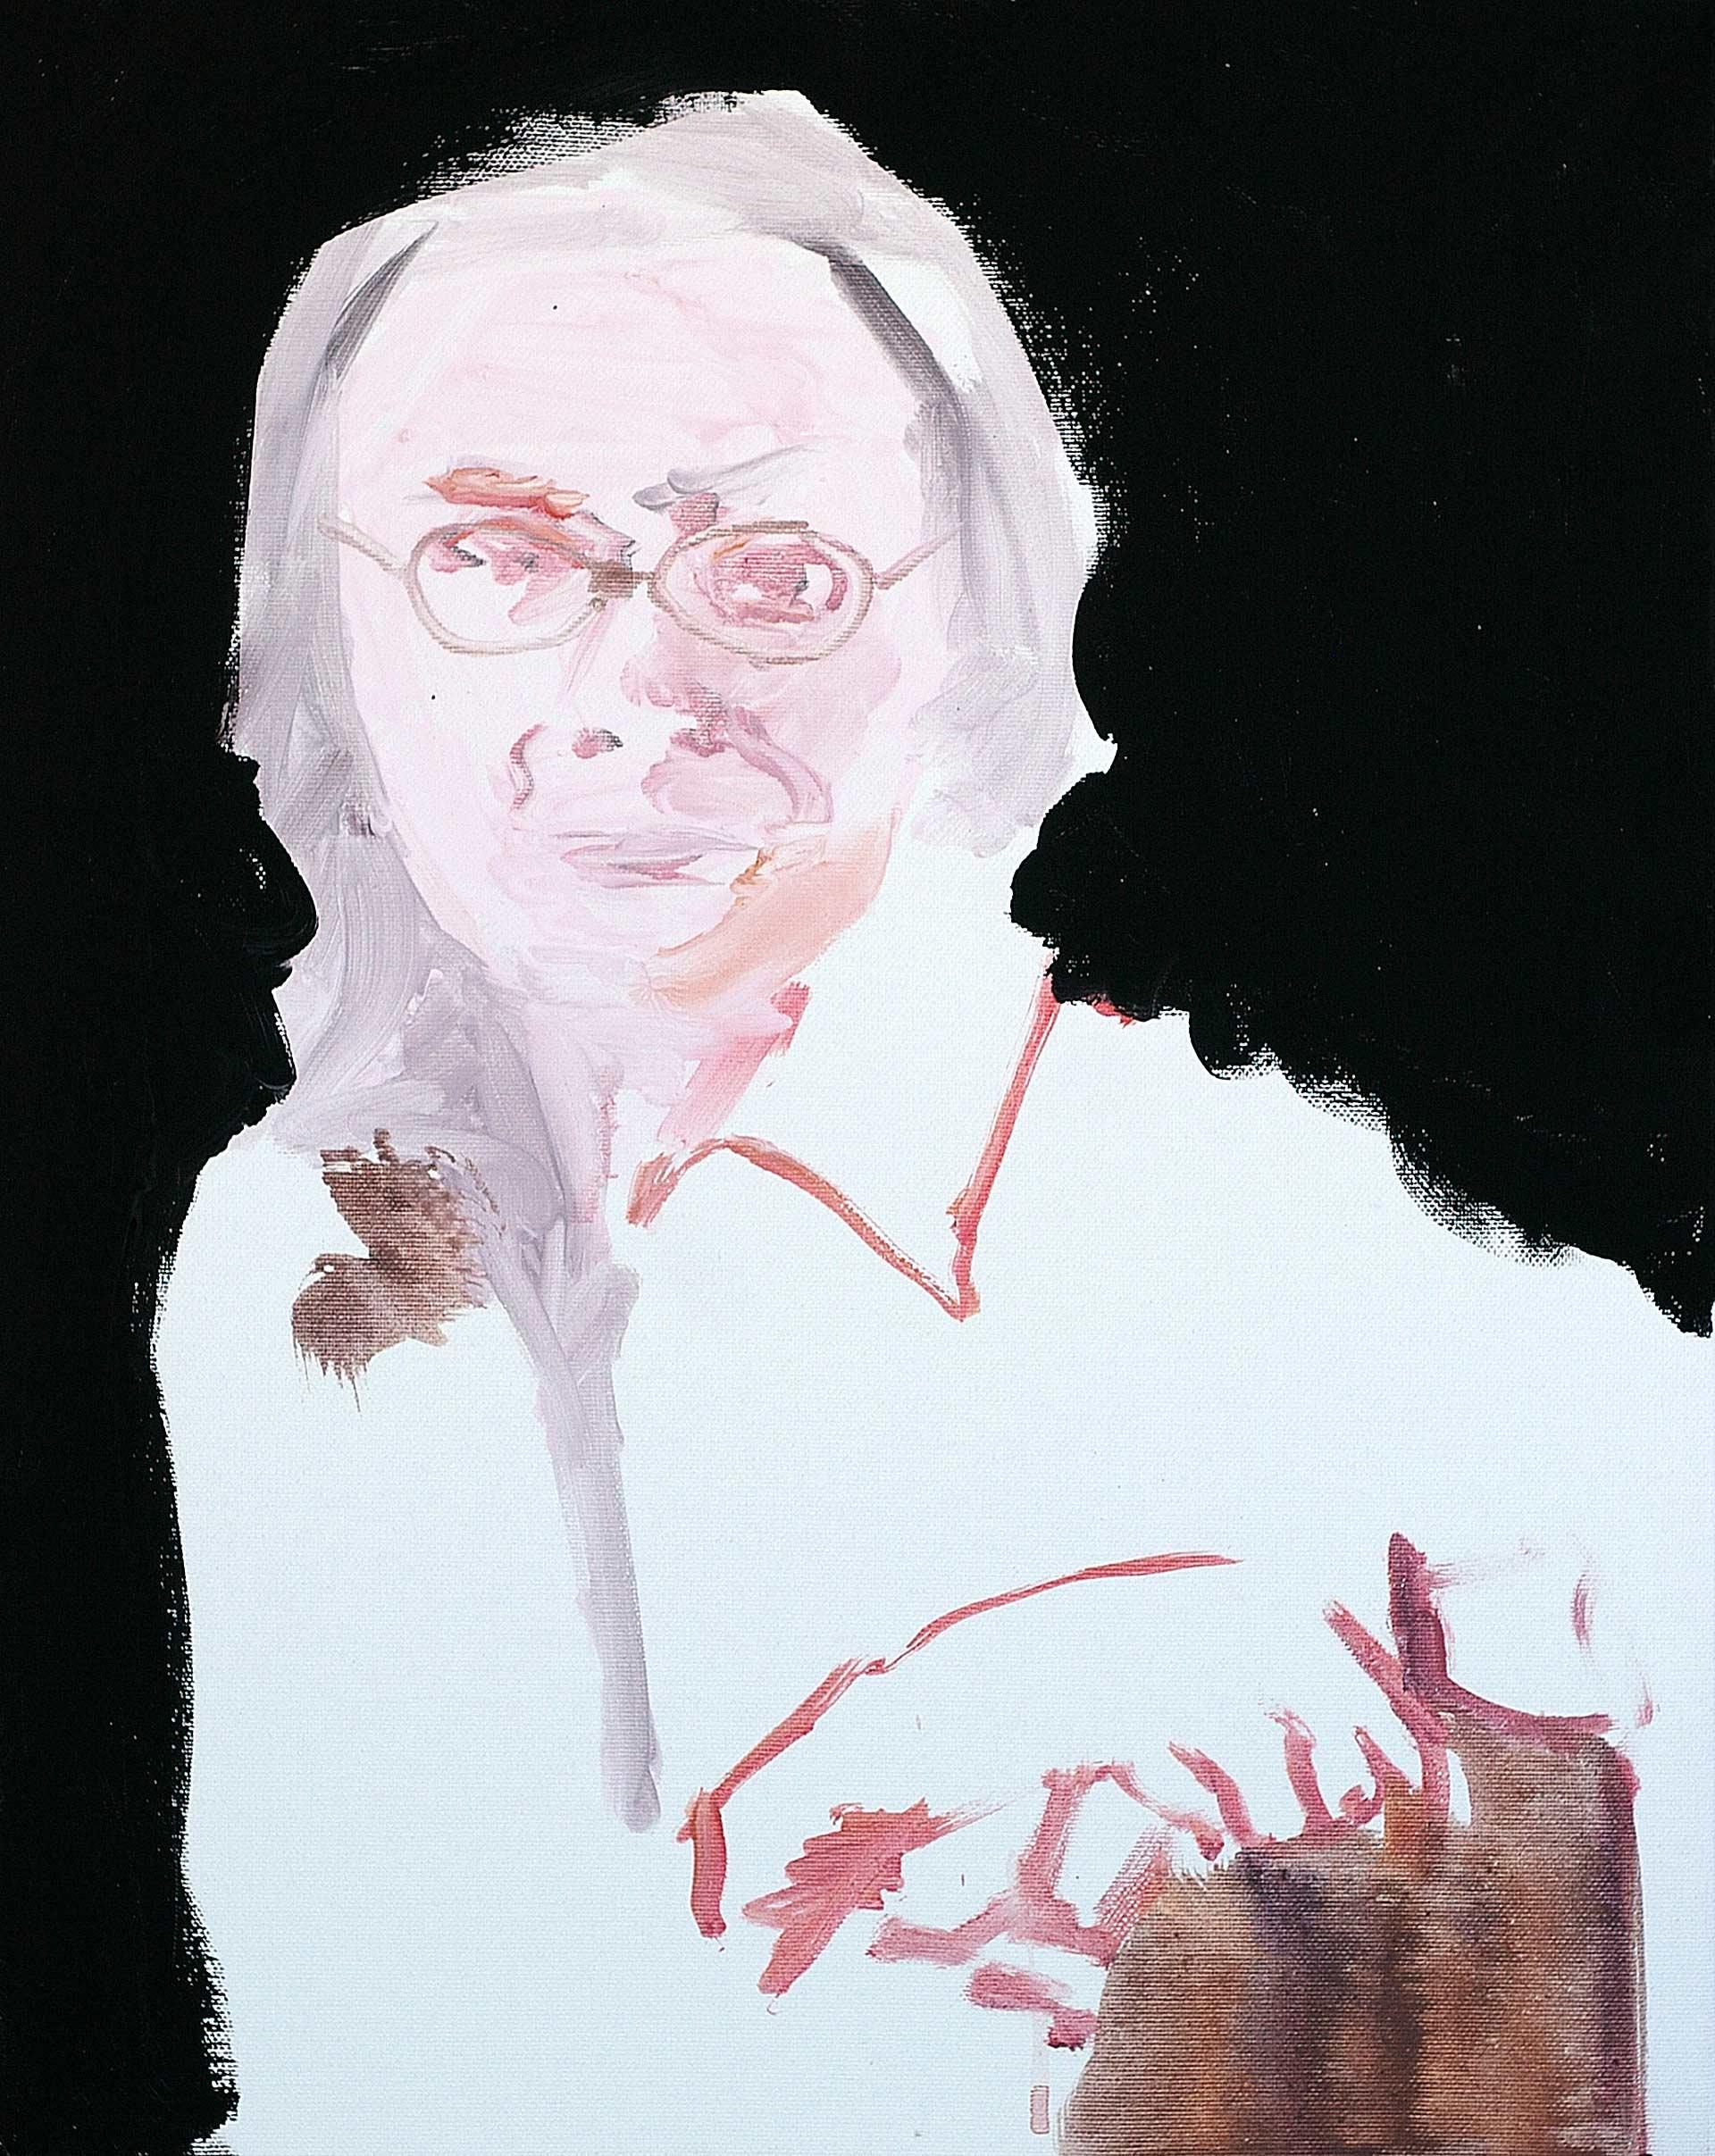 UP110 (Anna) 2011, acrylic on canvas, cm. 50 x 40.